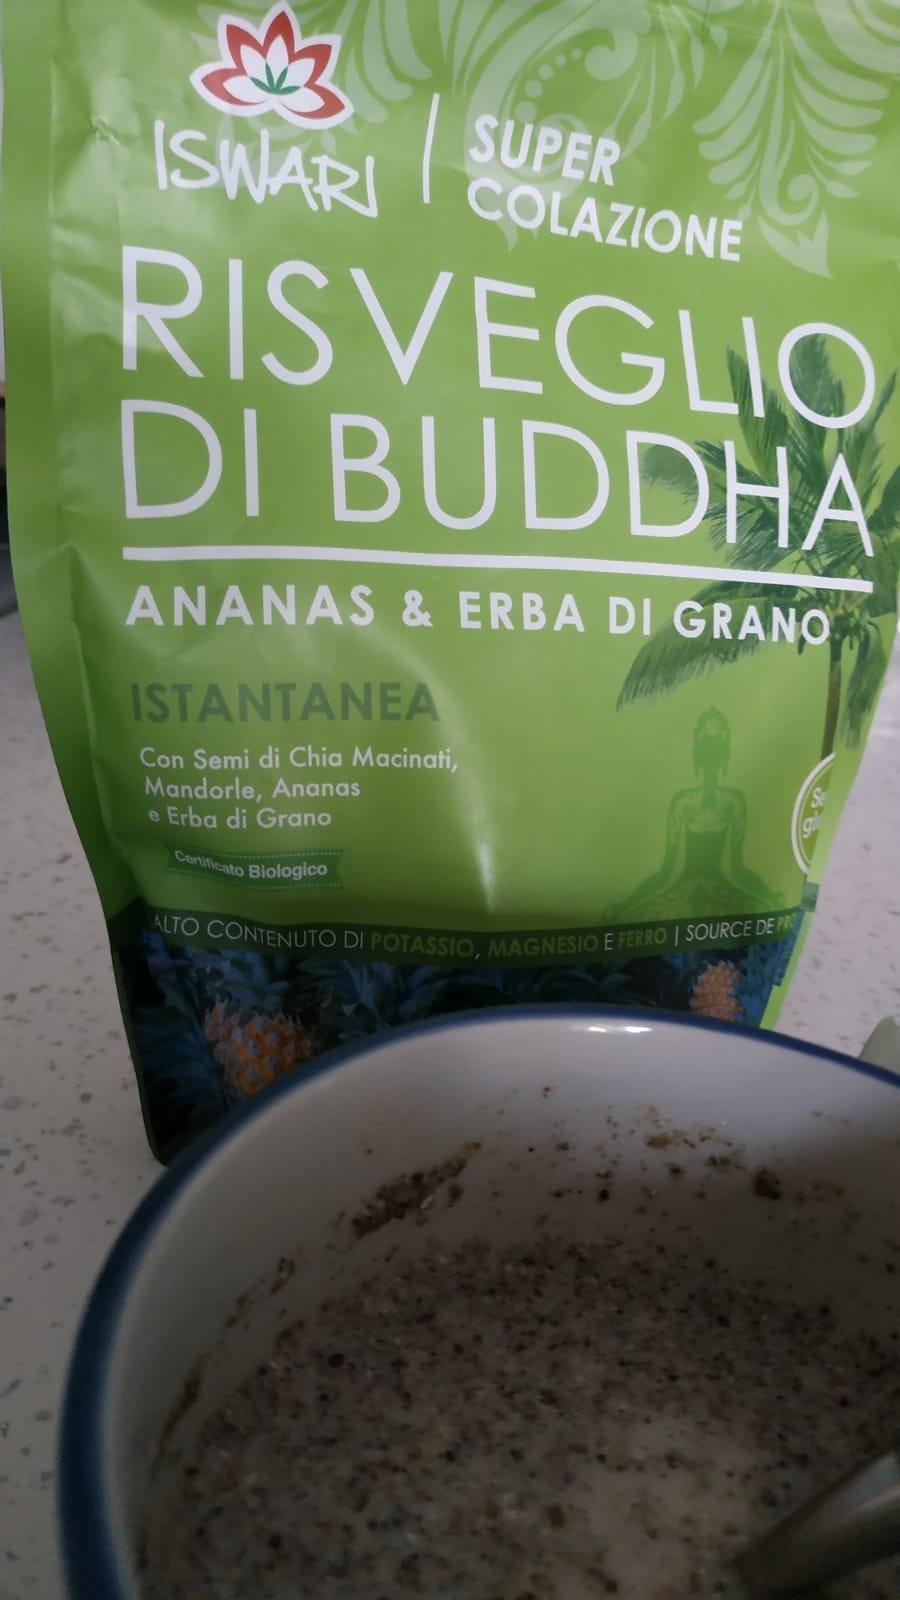 risveglio di Buddha Iswari mybarr opinioni